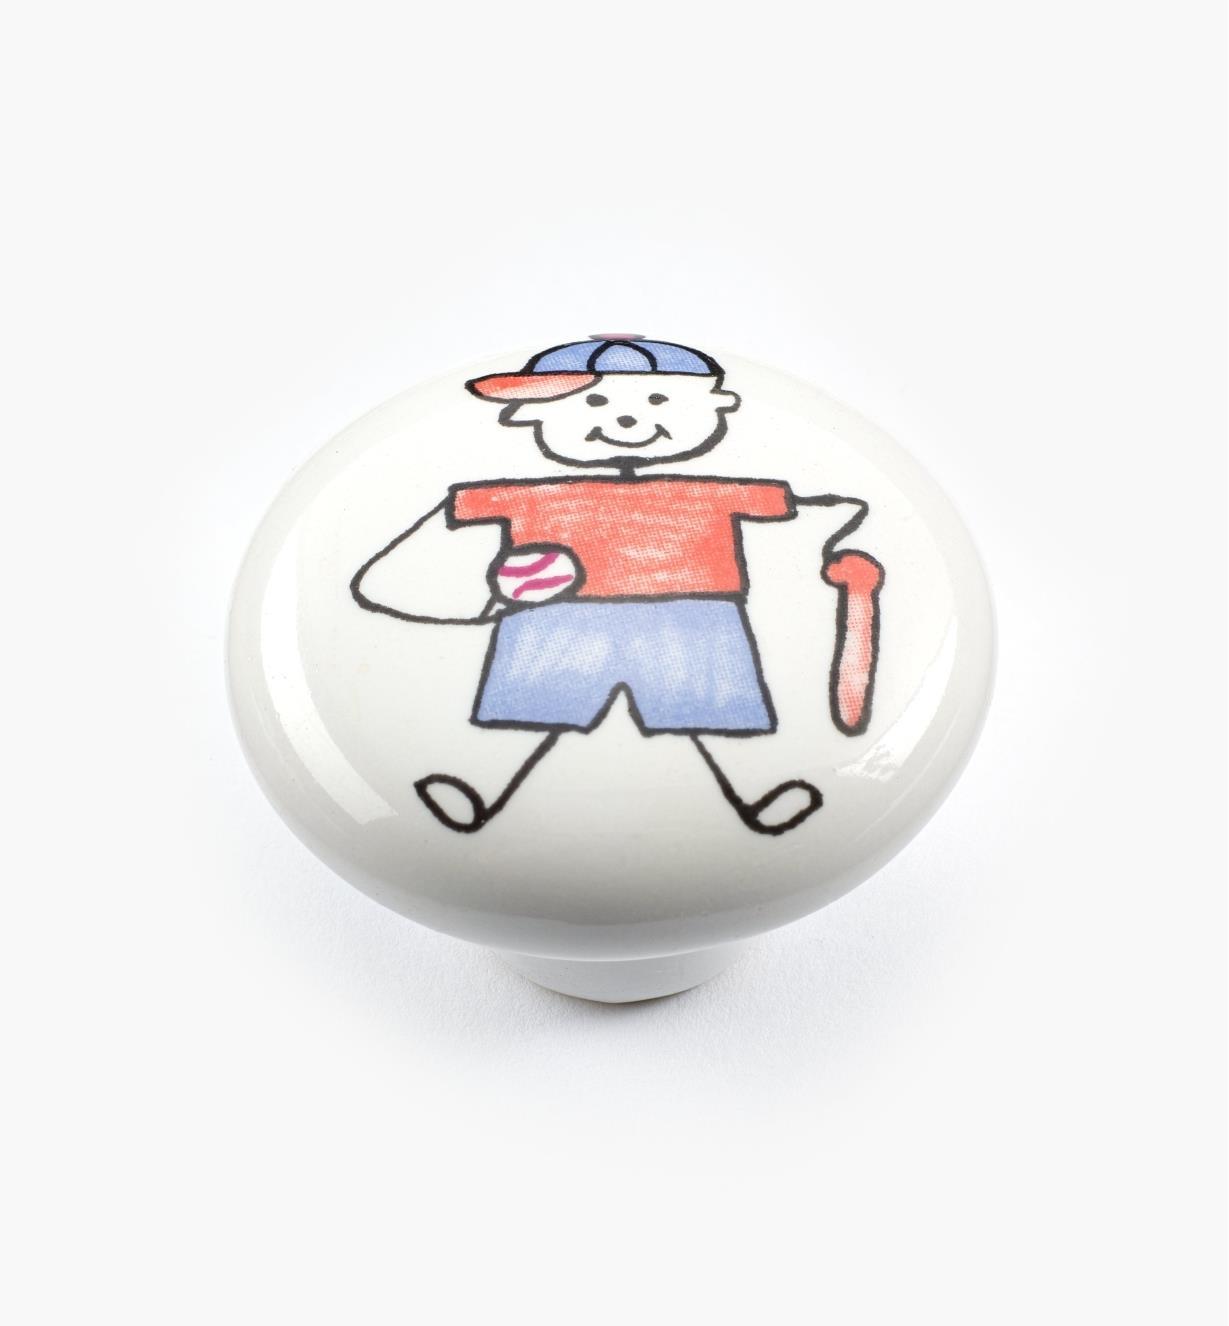 00W5313 - Bouton pour tout-petits, baseball, 11/2po